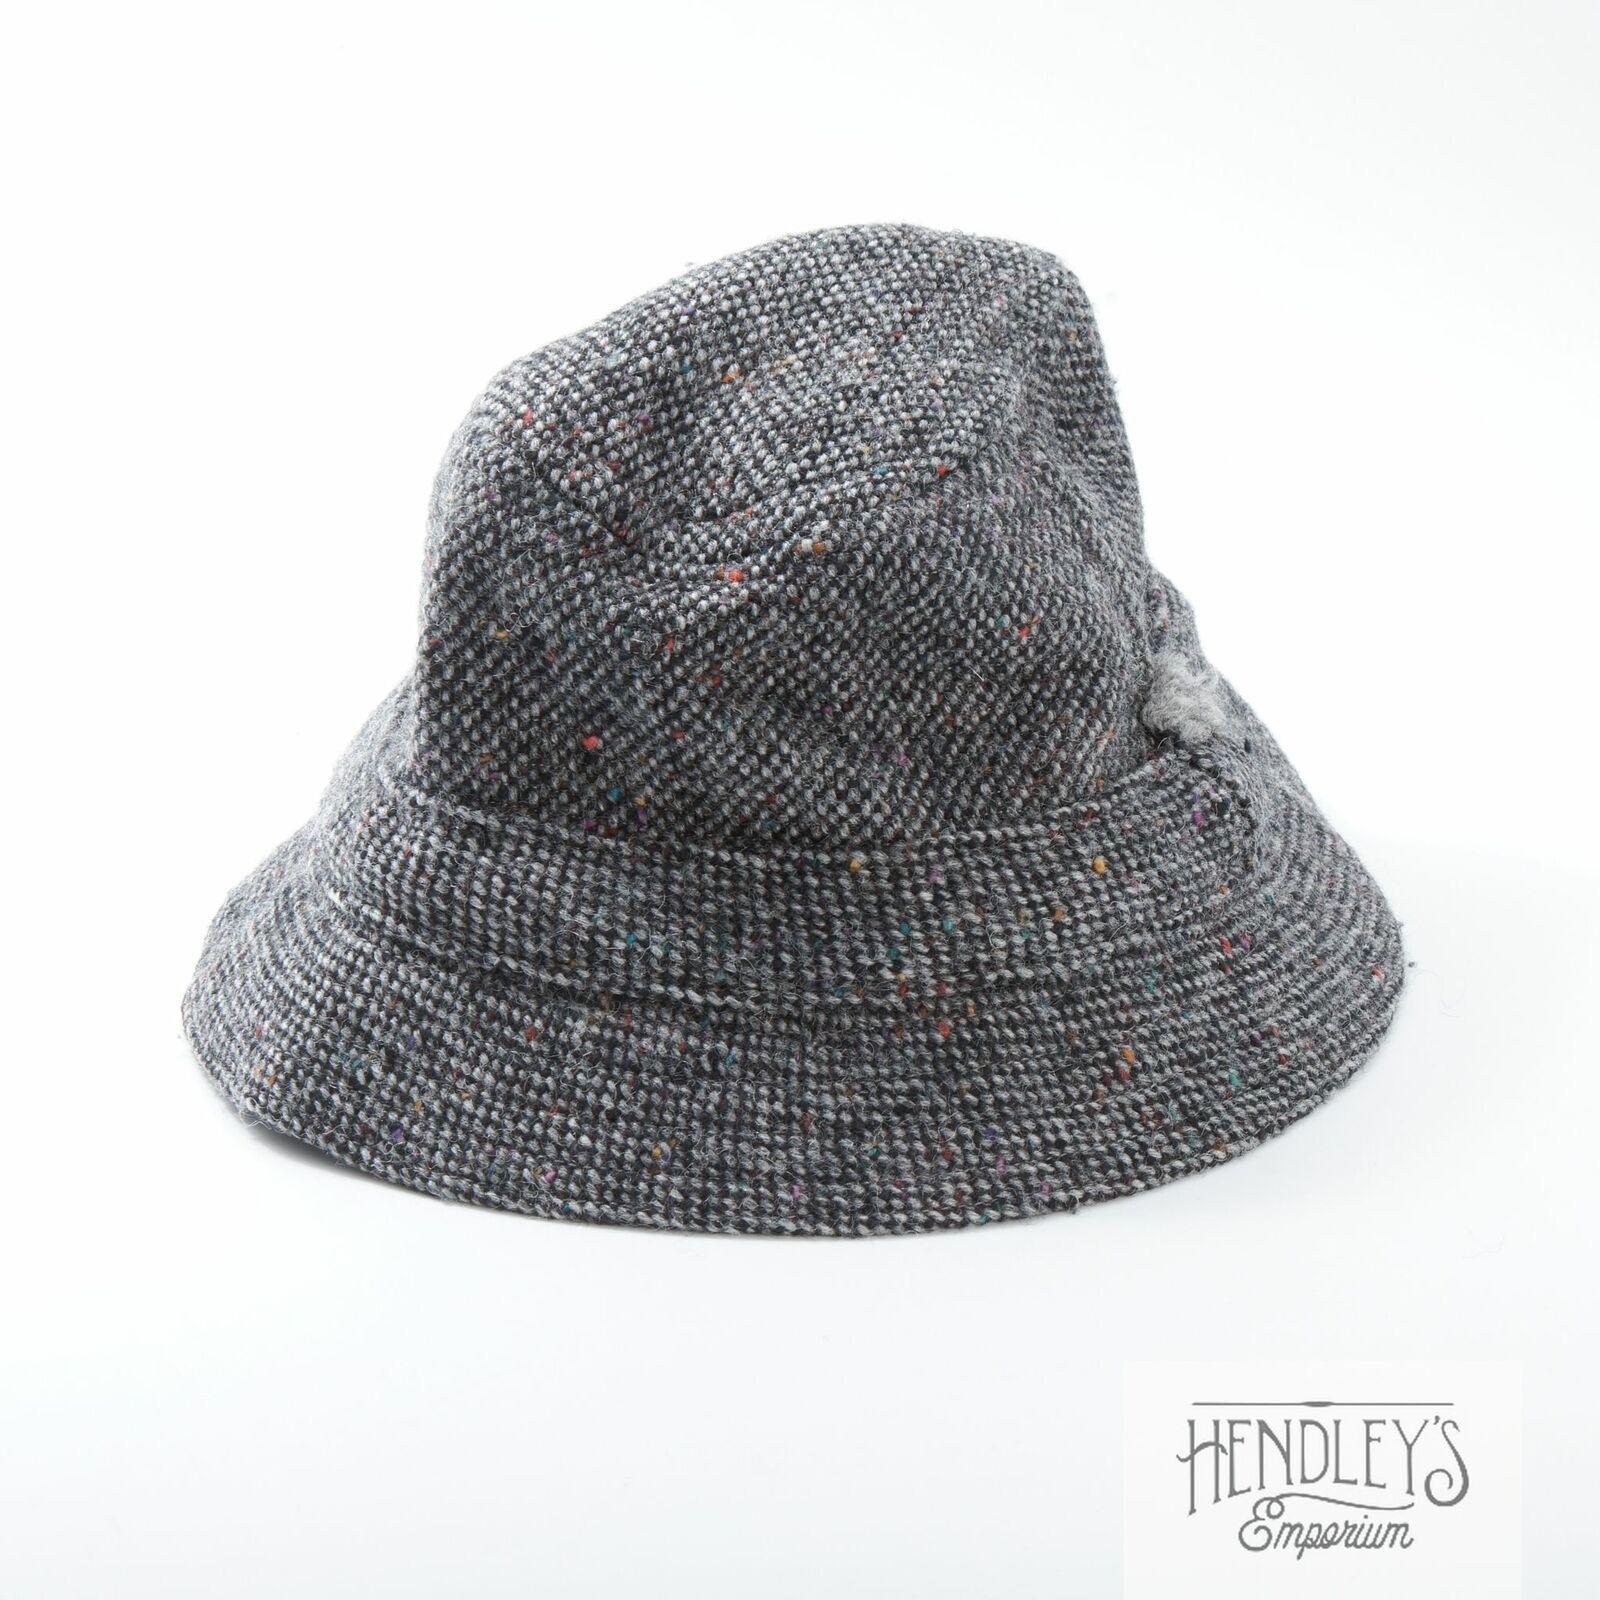 Herren Donegal Tweed Eimer Hut L IN Ash Grau Gesprenkelt Wolle Von Hanna Irland